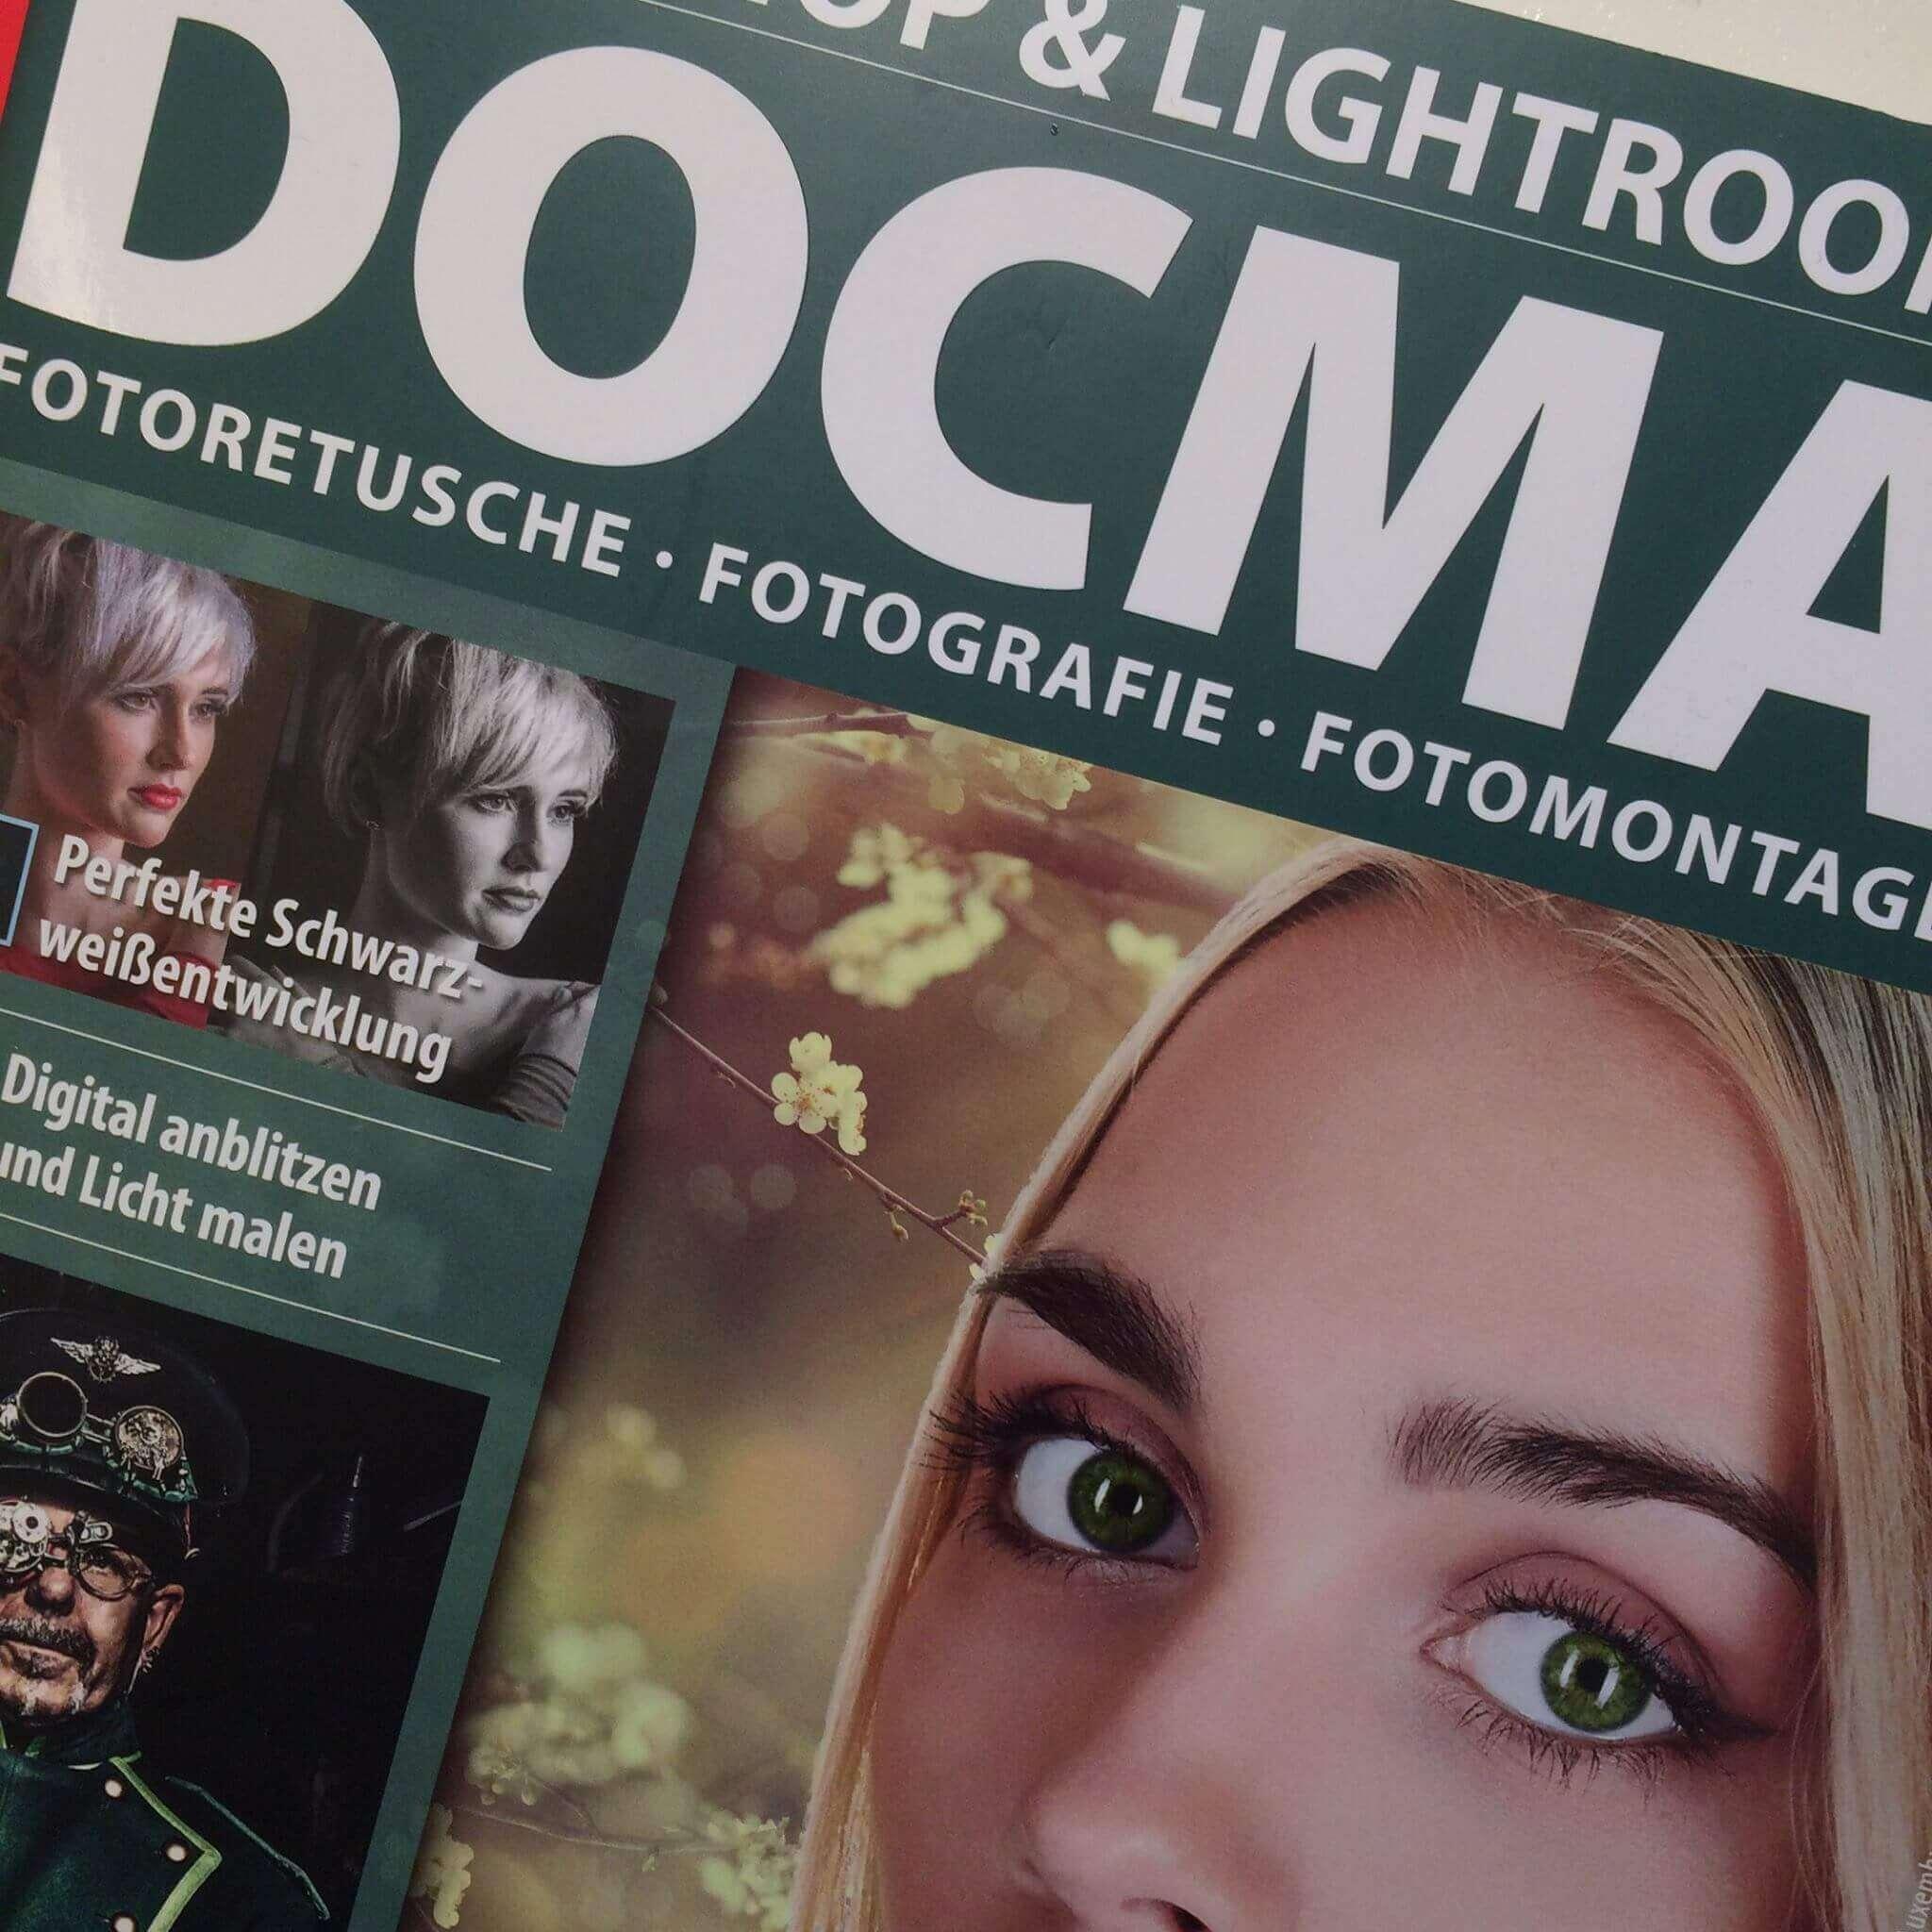 Dogma: Der eigene Blick - Robert Mertens